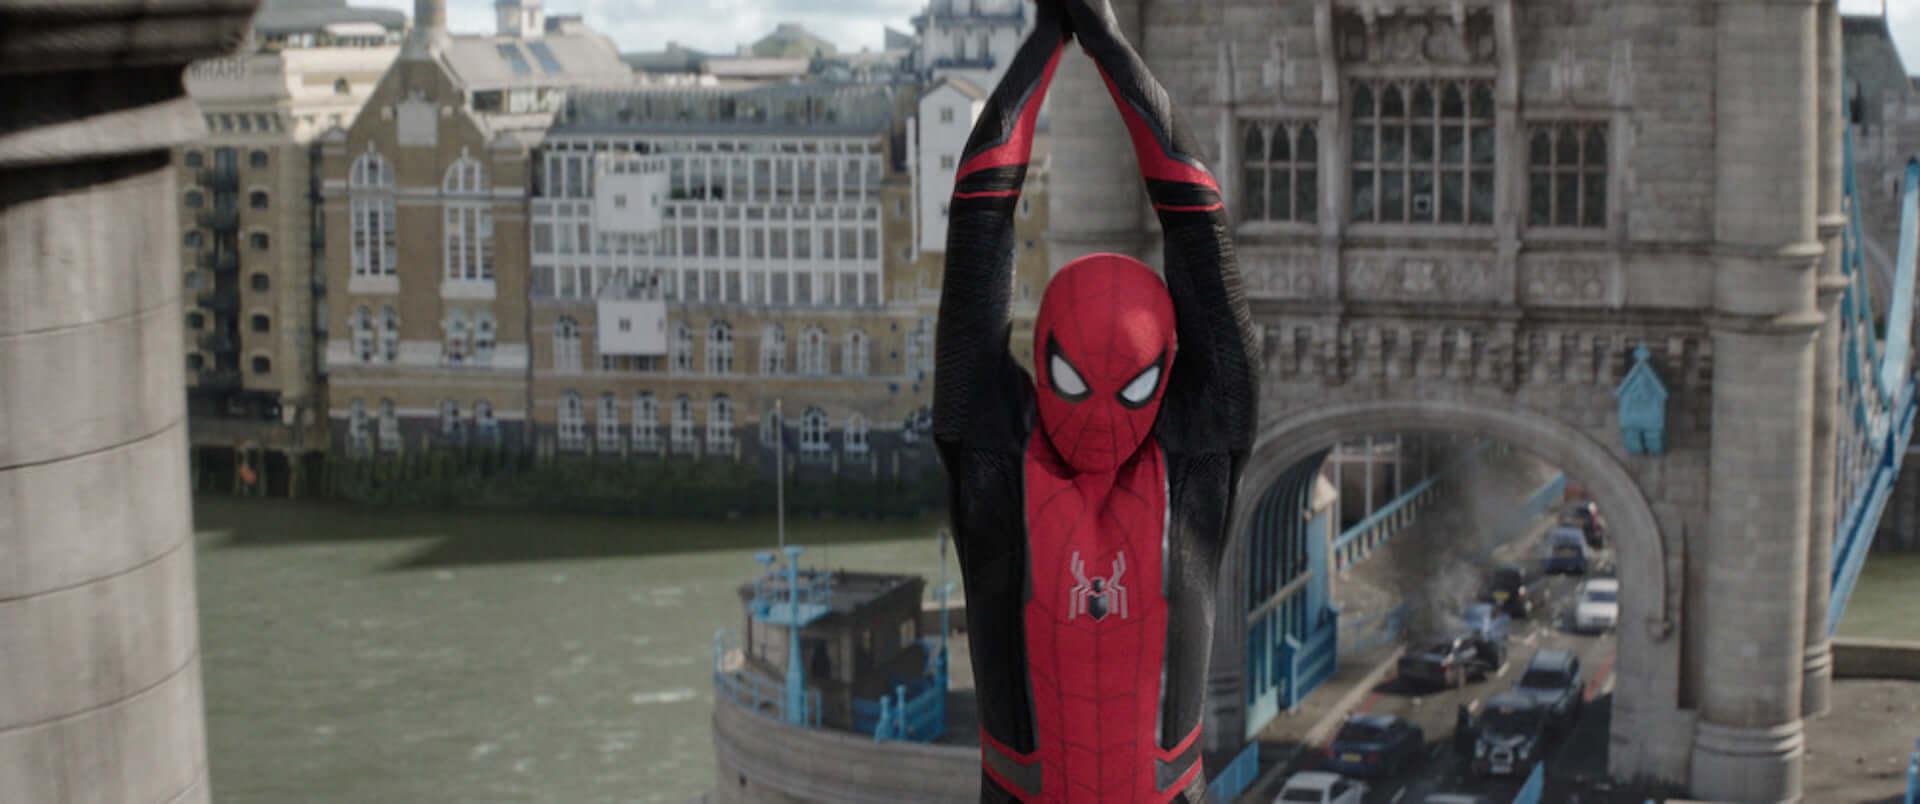 スパイダーマン旋風はまだまだ続く!『スパイダーマン:ファー・フロム・ホーム』が全米2週連続1位に film190716_sffh_gross_2-1920x804